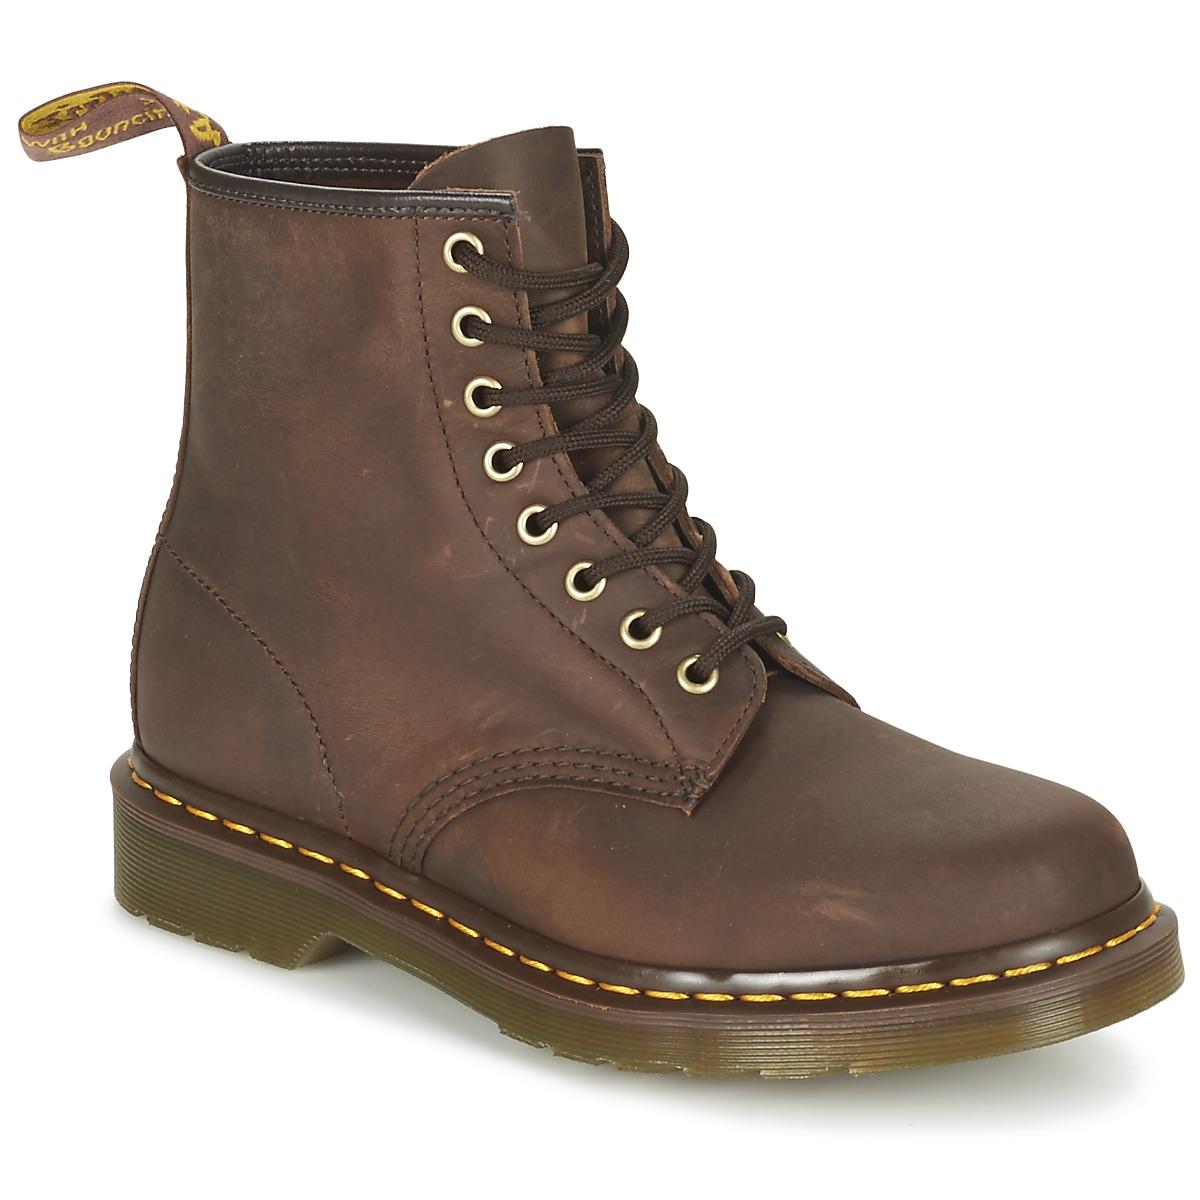 ce13626bda7 Chaussures Boots Dr Martens 1460 Marron foncé